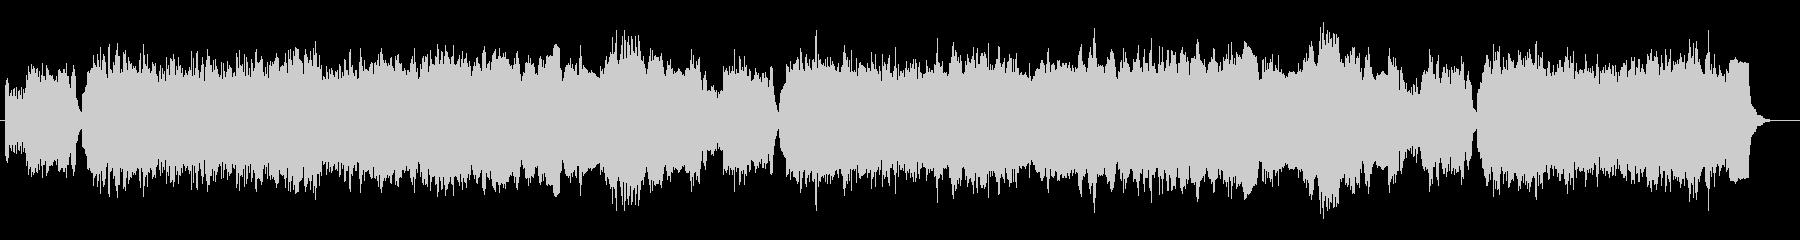 バッハ ブランデンブルク協奏曲Pオルガンの未再生の波形